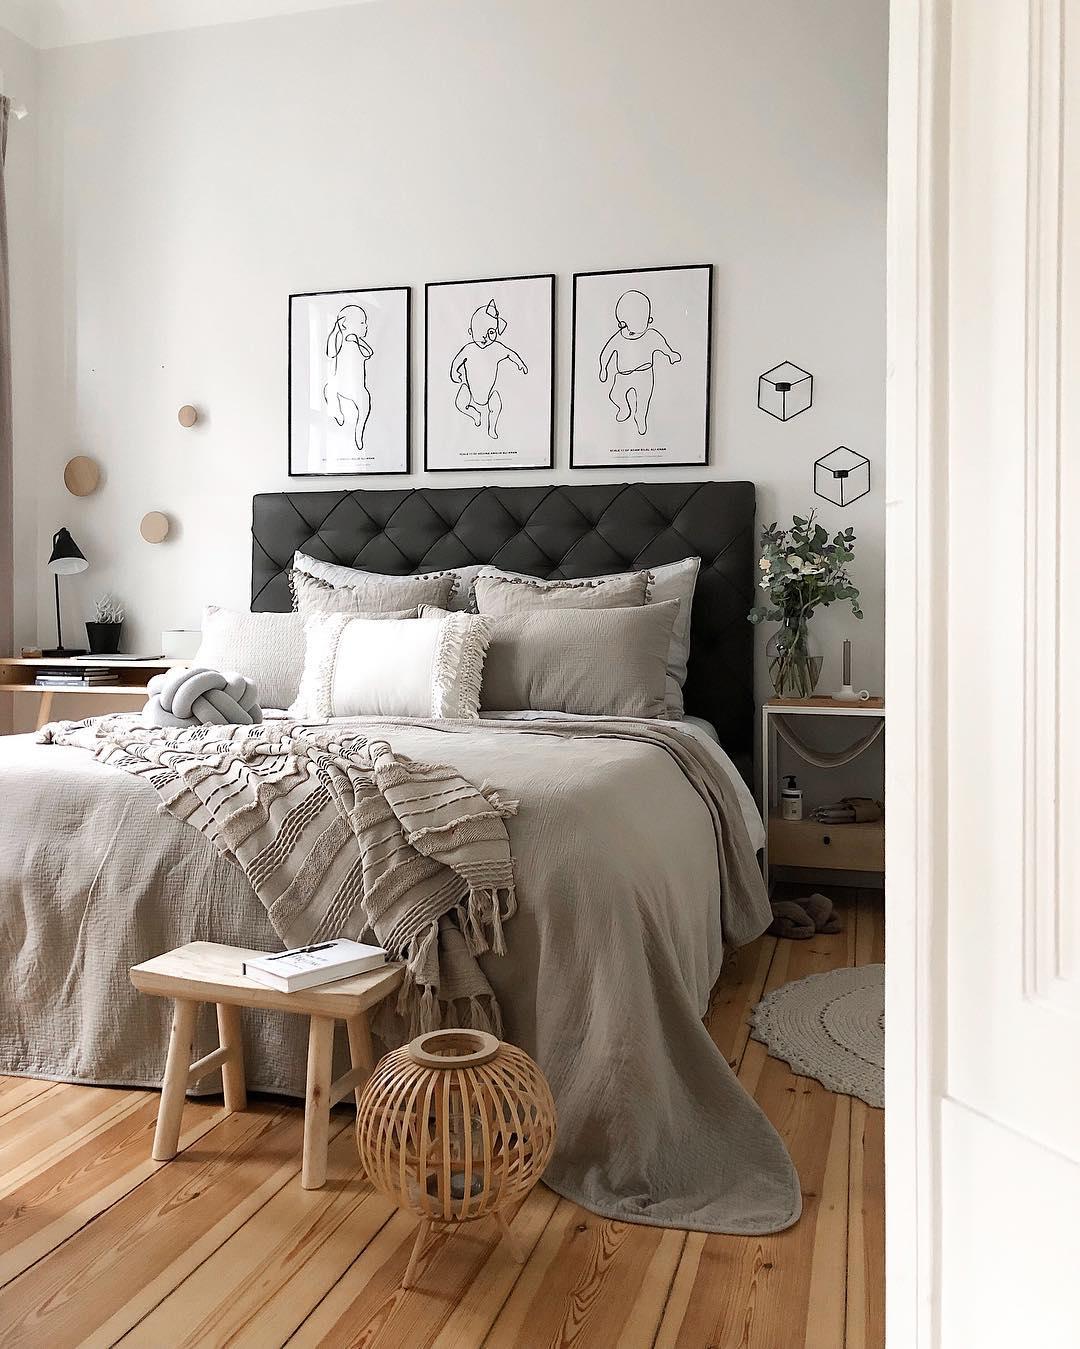 couleur pastel chambre parent gris tapis rond parquet bois plaid coussin blanc lit noir matelassé - blog déco - clem around the corner